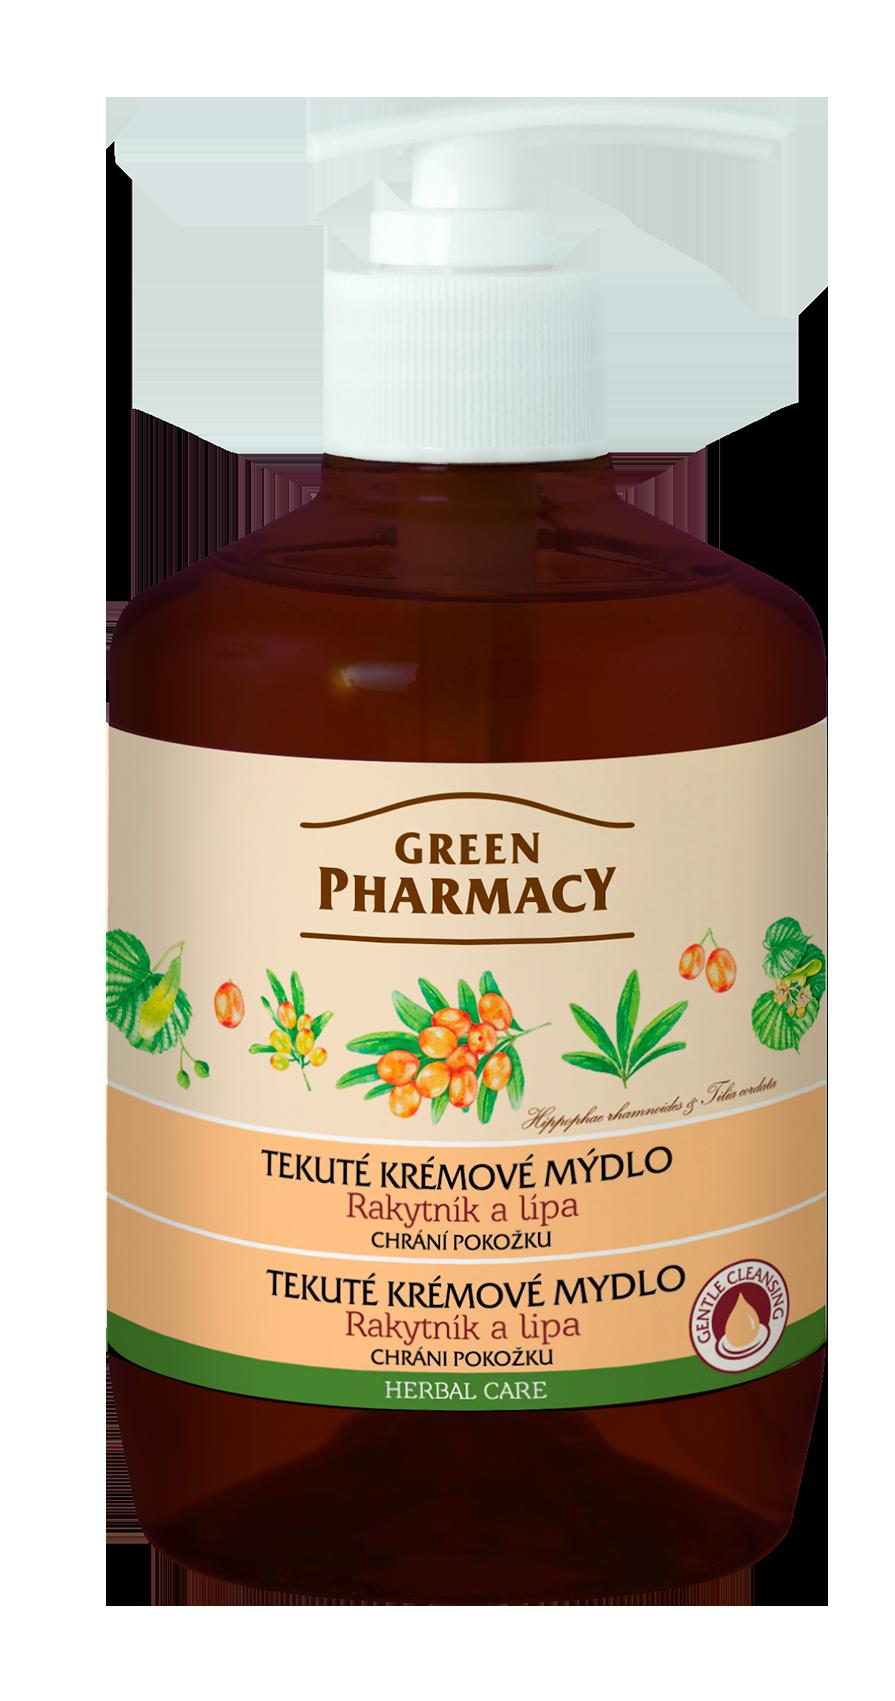 Green Pharmacy Rakytník a Lípa - tekuté krémové mýdlo chránící pokožku, 460 ml